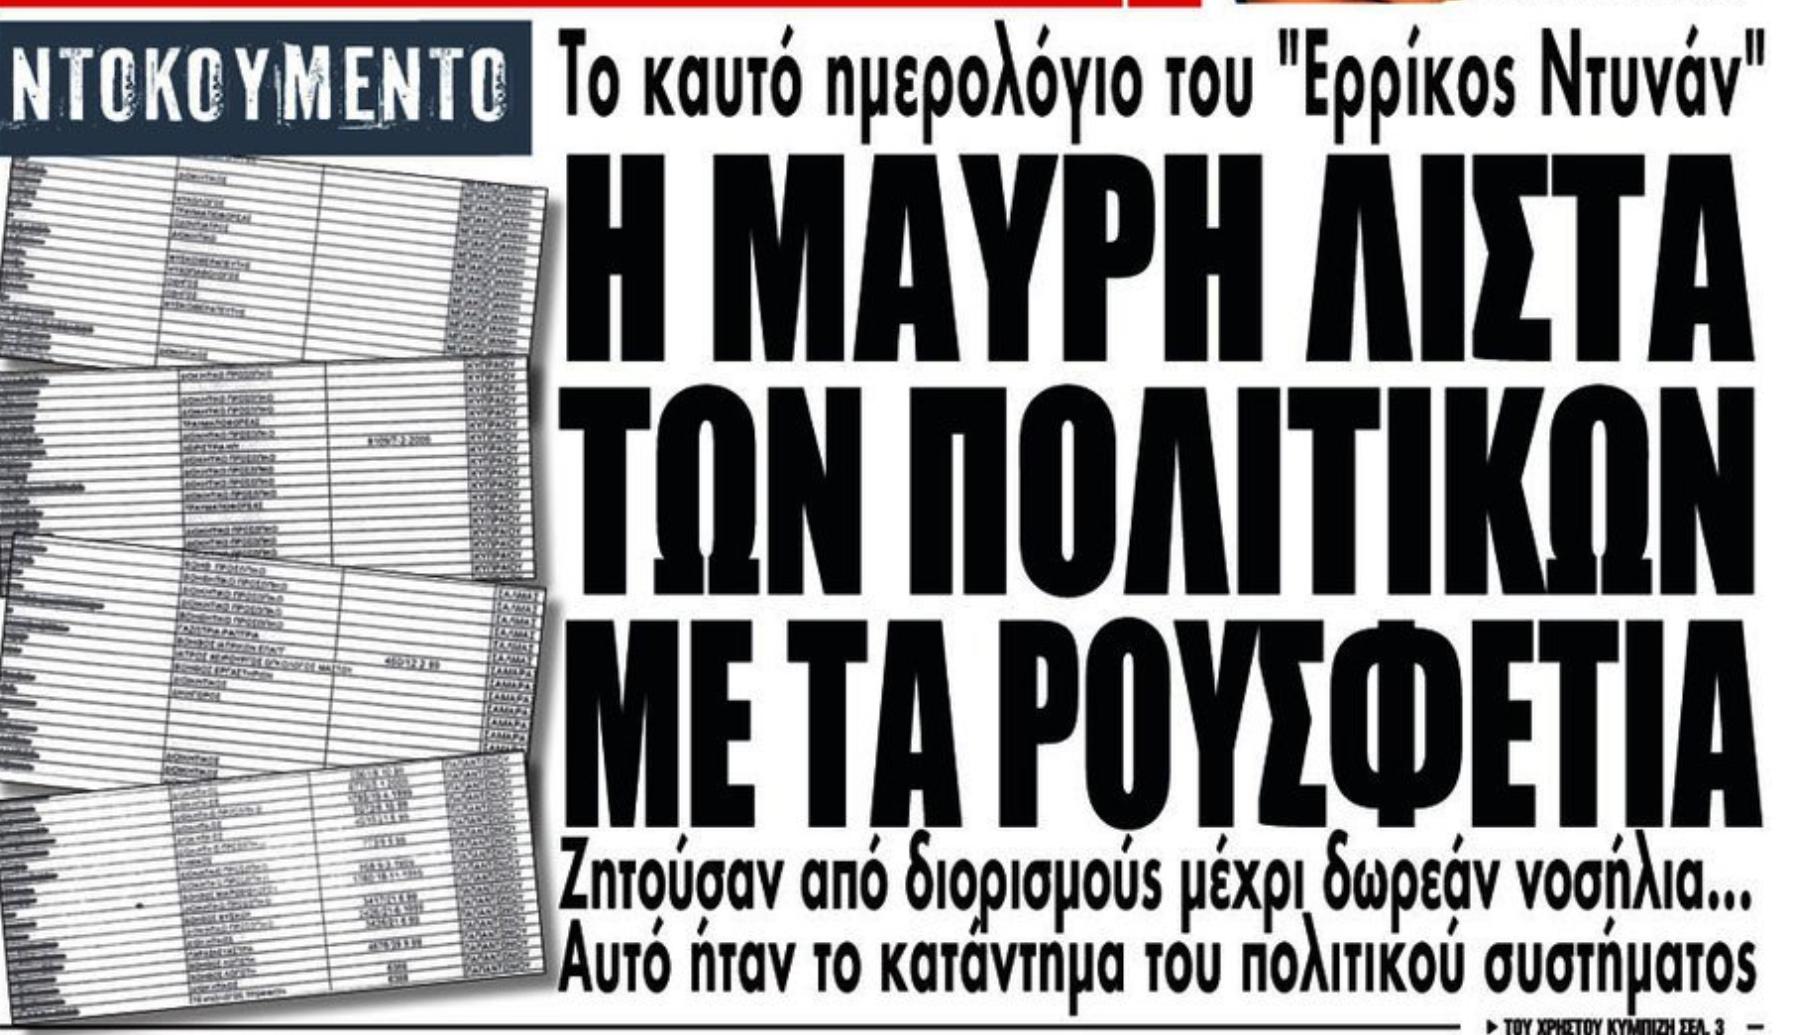 Παπανδρεου και Σαμαροβενιζέλοι είχαν στήσει βιομηχανία ρουσφετιών με ΠΡΟΣΛΗΨΕΙΣ μοντέλων και νοσήλεια που πλήρωνες εσυ καημένε Ελληνα